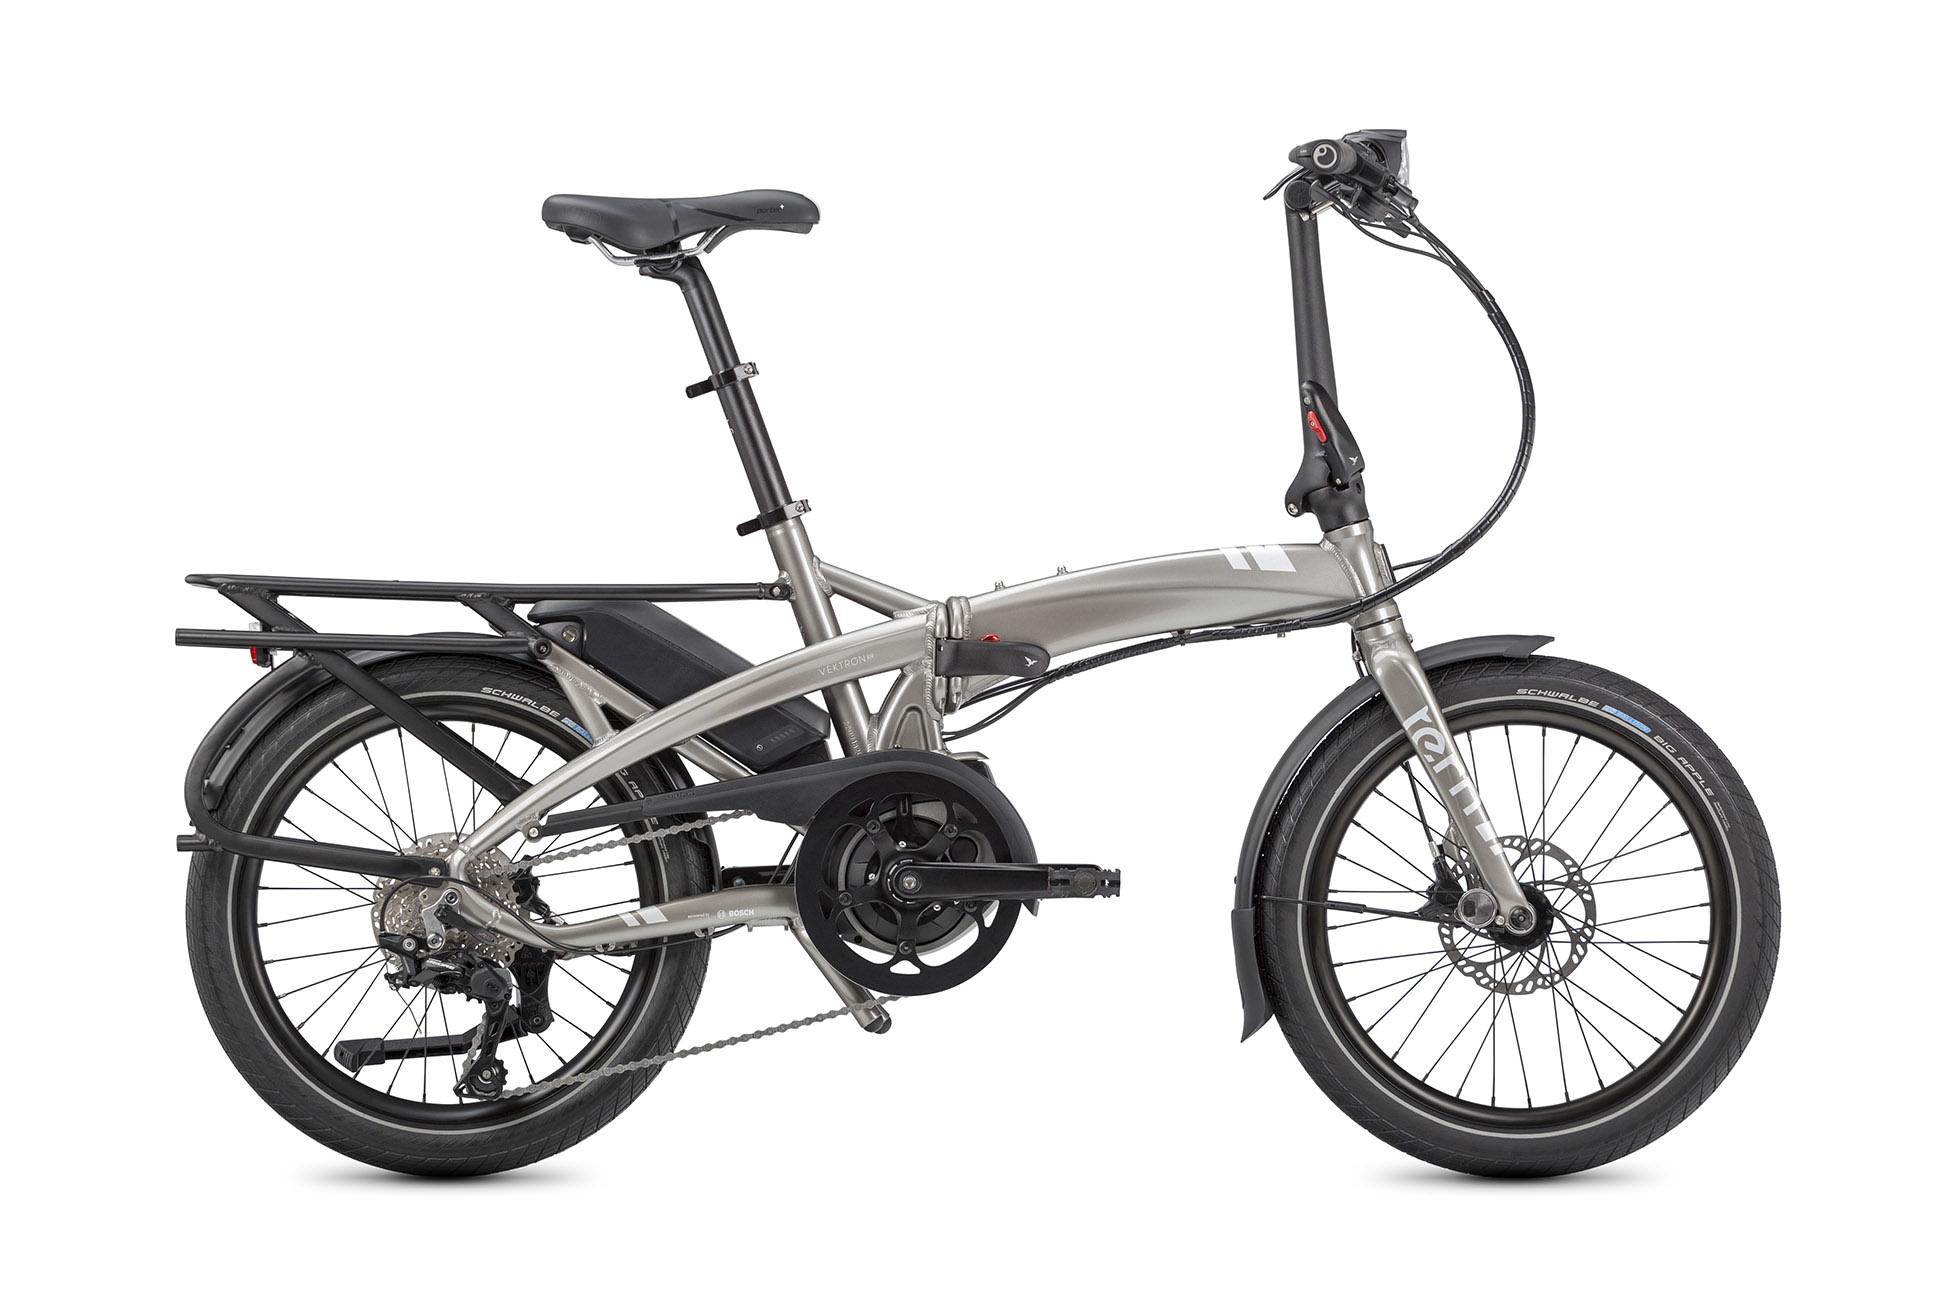 Tern Tern Vektron S10 400w Silver